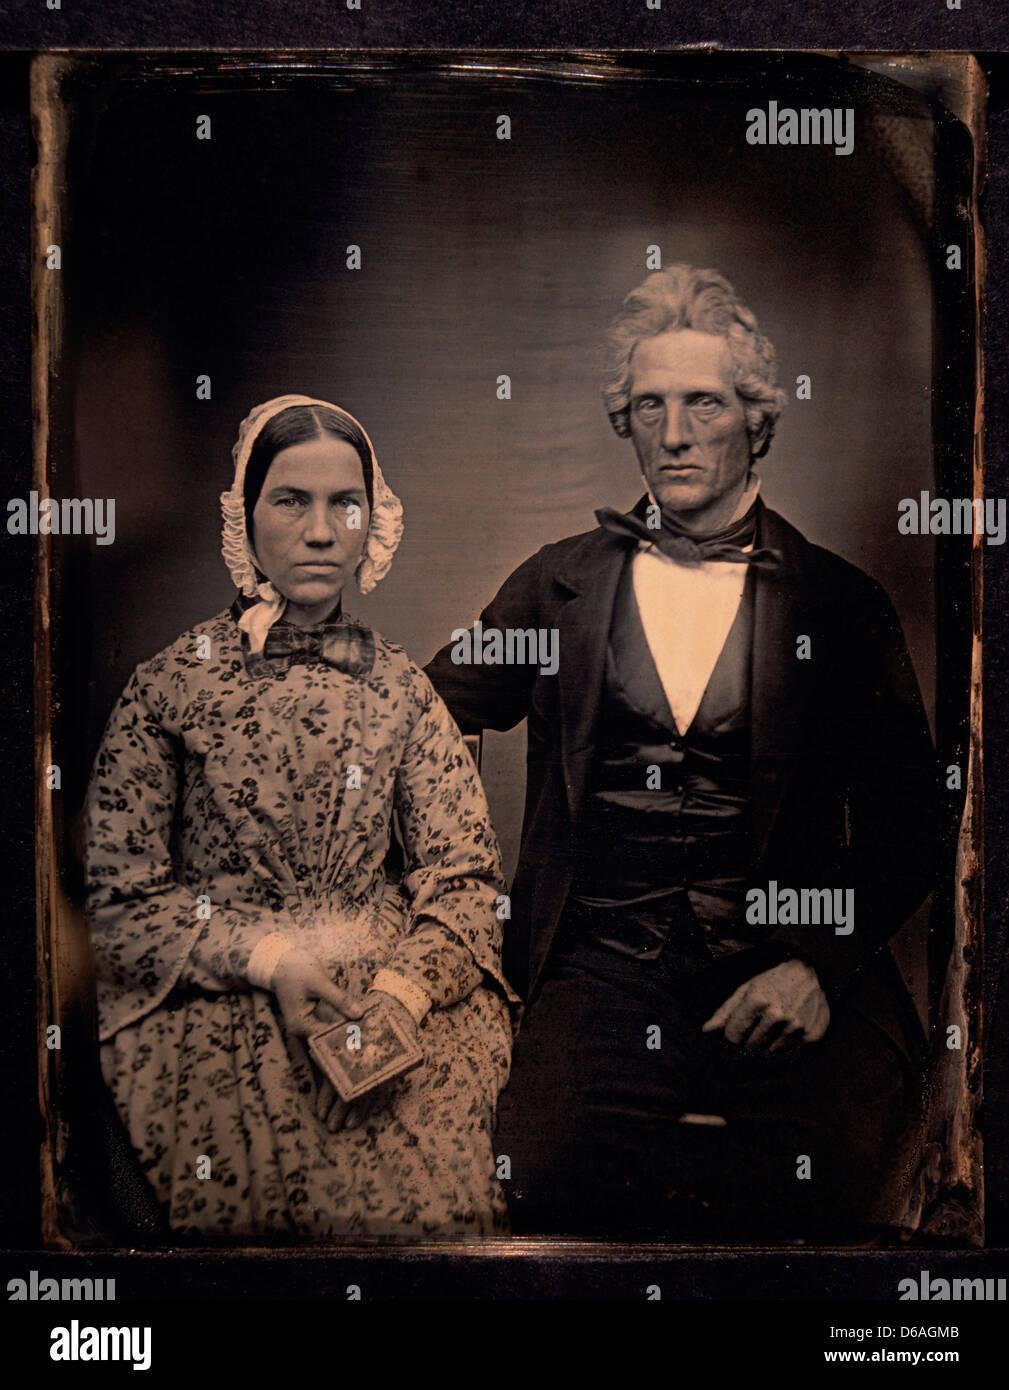 Casal Retrato, Daguerreótipo, Circa 1850 Imagens de Stock